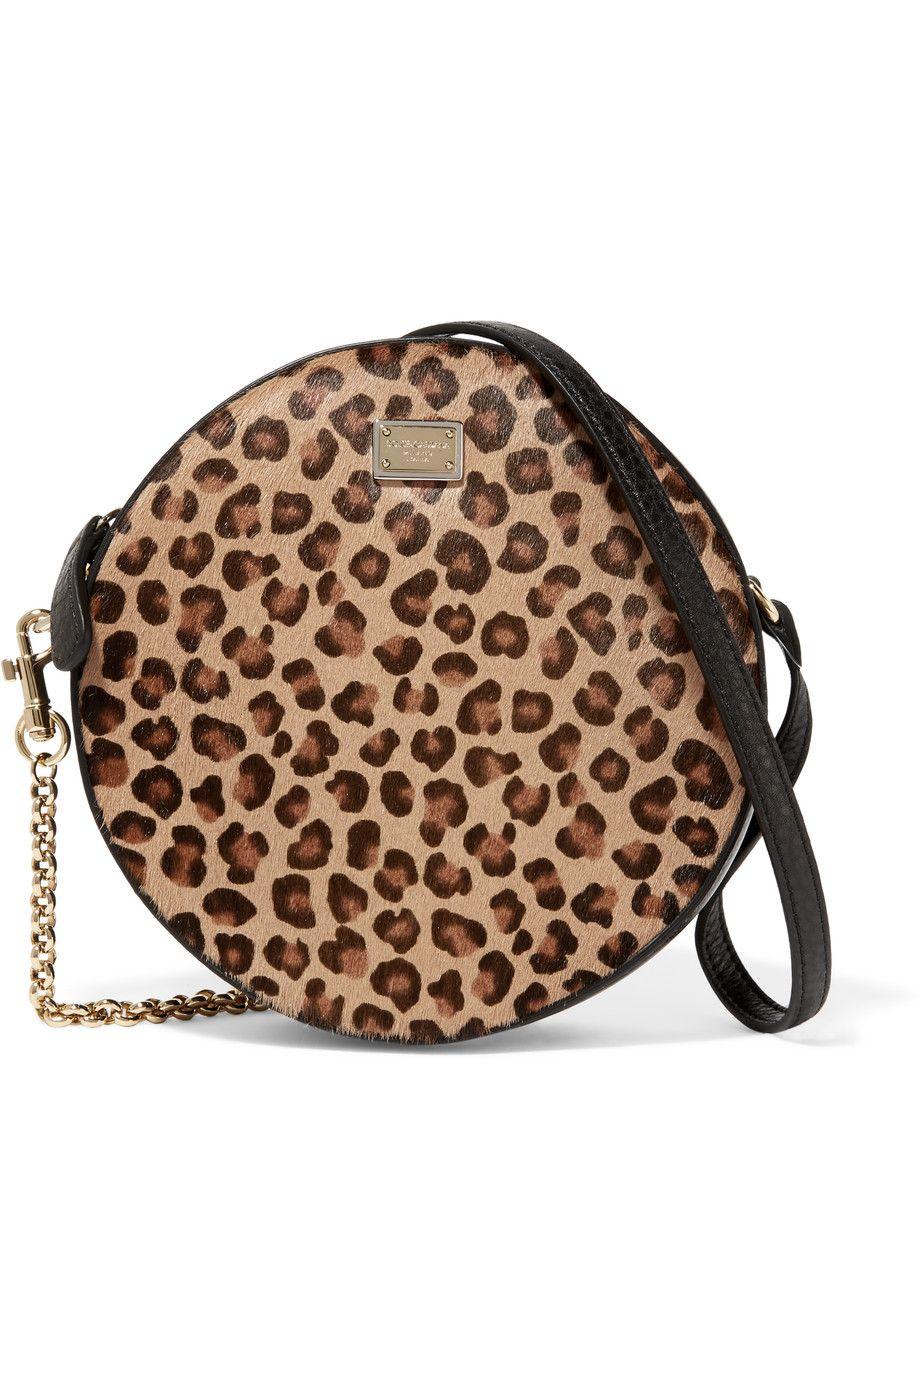 2af4bdd54d Shop on-sale Dolce   Gabbana Leopard-print calf hair and leather shoulder  bag. Browse other discount designer Shoulder Bags   more on The Most  Fashionable ...